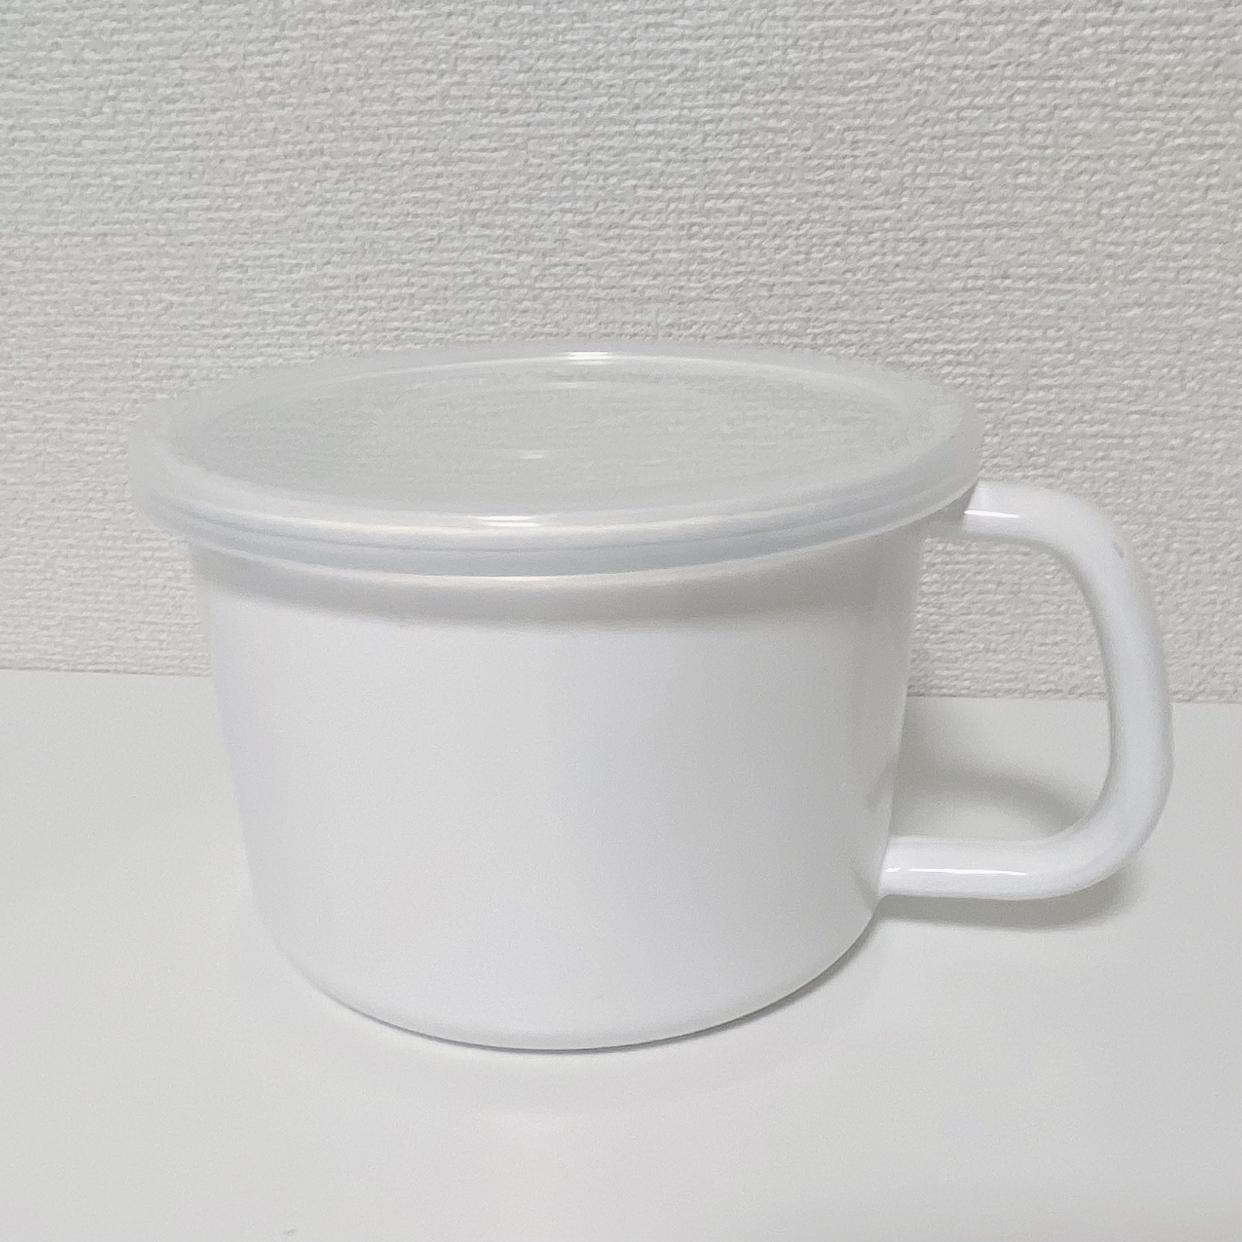 White Series(ホワイトシリーズ) 持ち手付ストッカー丸型を使ったひらゆさんのクチコミ画像1